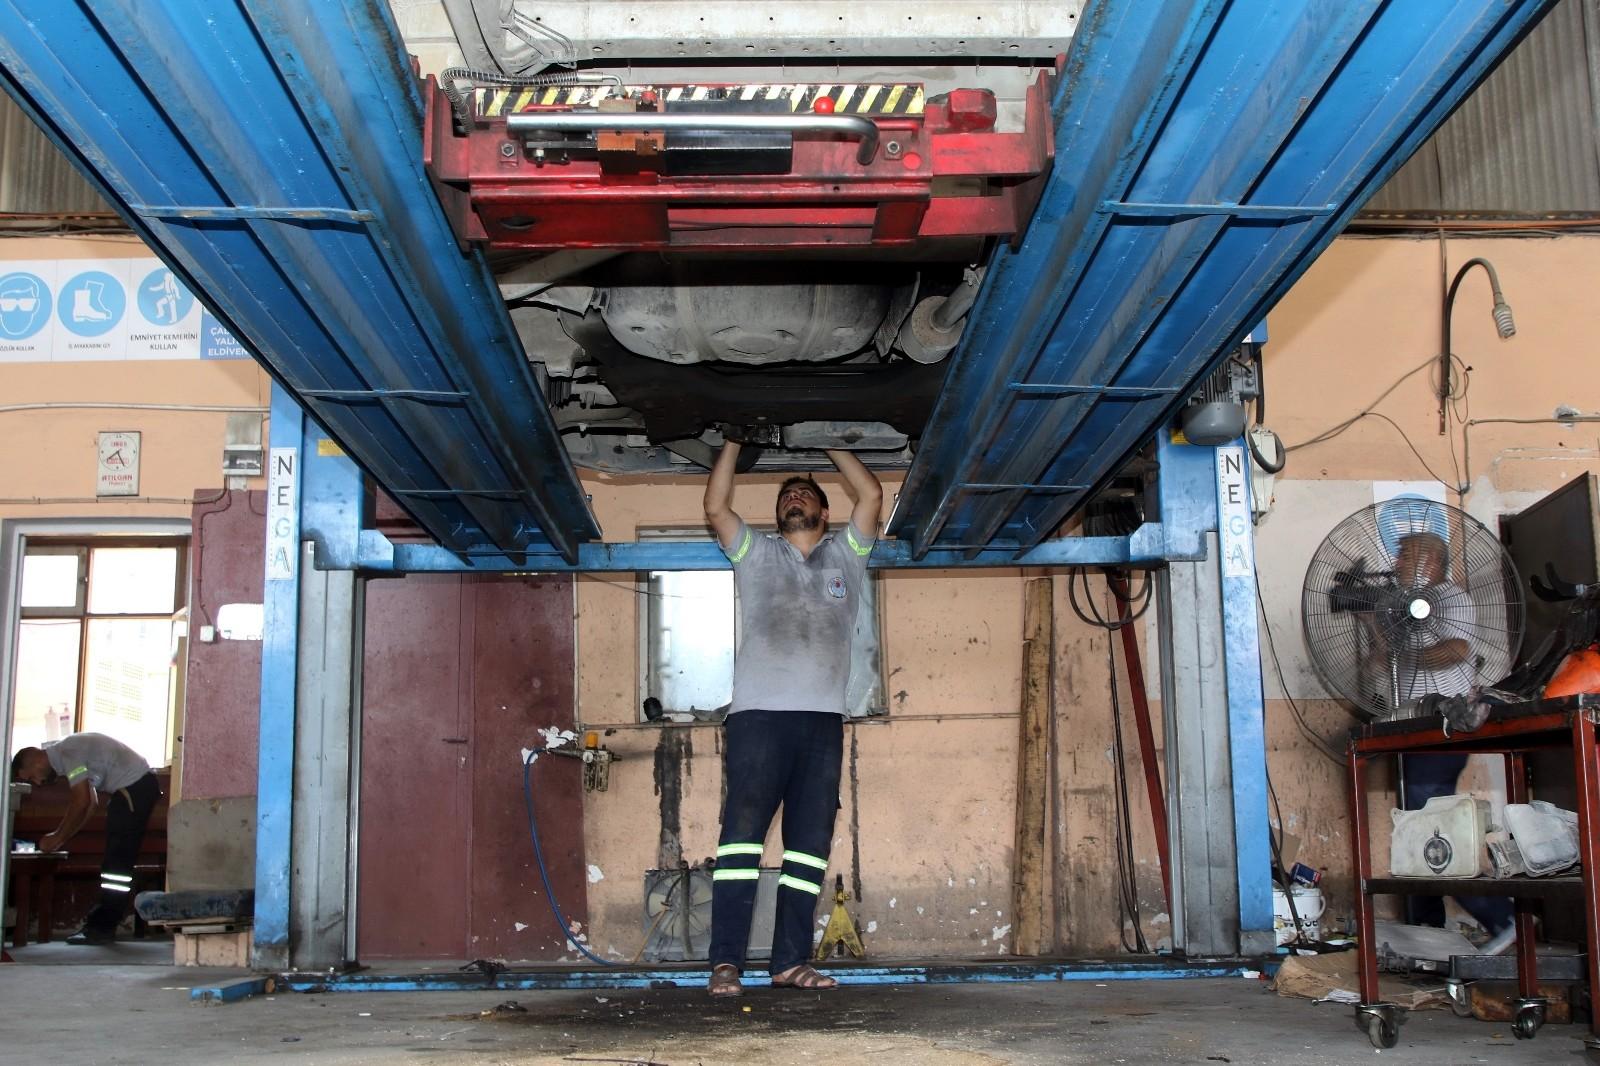 akdeniz belediyesi kendi araclarini kendi tamir ederek tasarruf sagliyor.khufabirwnyrs u1kbq9az